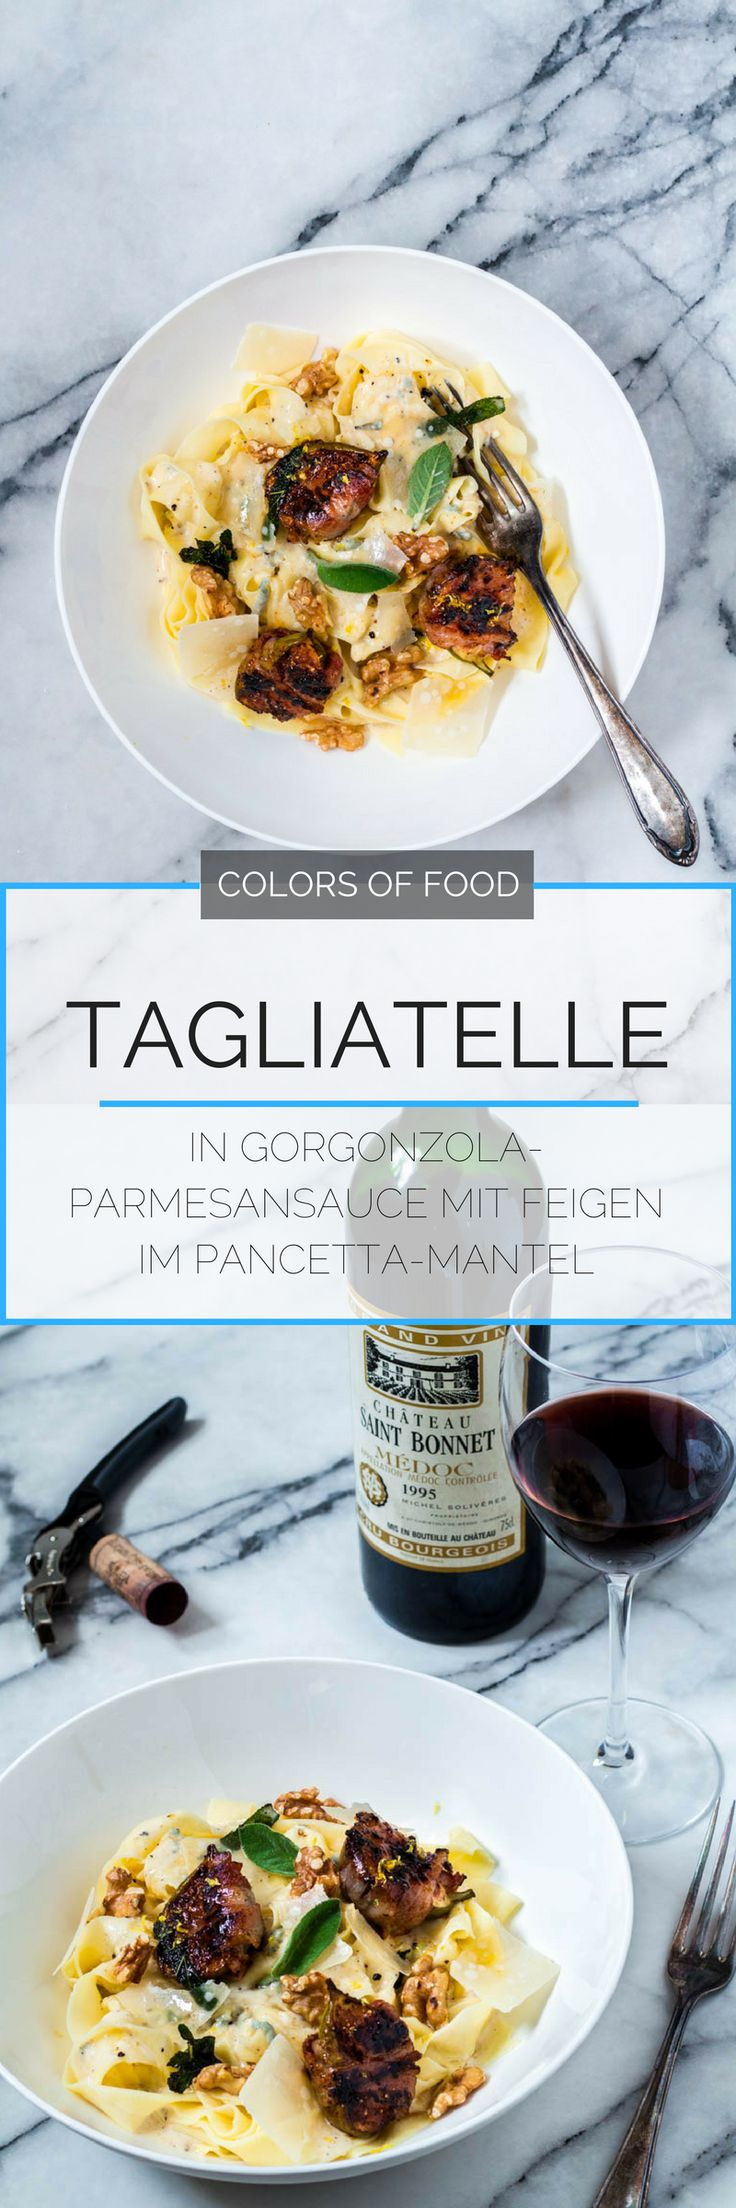 Hier findest du ein Rezept für selbstgemachte Tagliatelle in einer würzigen Käse-Sahnesauce, die von fruchtigen Feigen mit Pancetta begleitet werden. Yummy!